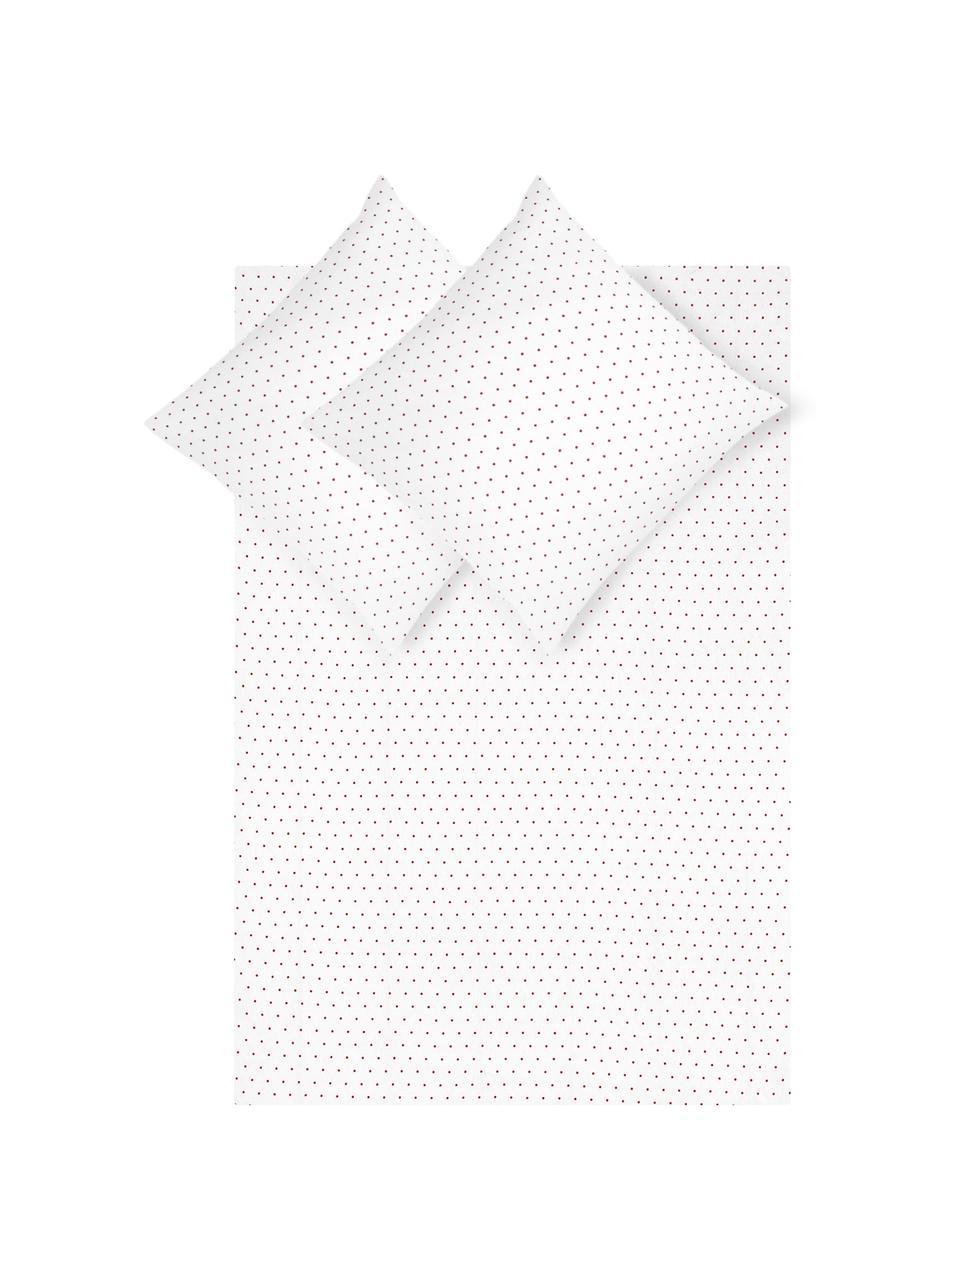 Flanell-Bettwäsche Betty, gepunktet, Webart: Flanell Flanell ist ein s, Weiß, Rot, 200 x 200 cm + 2 Kissen 80 x 80 cm